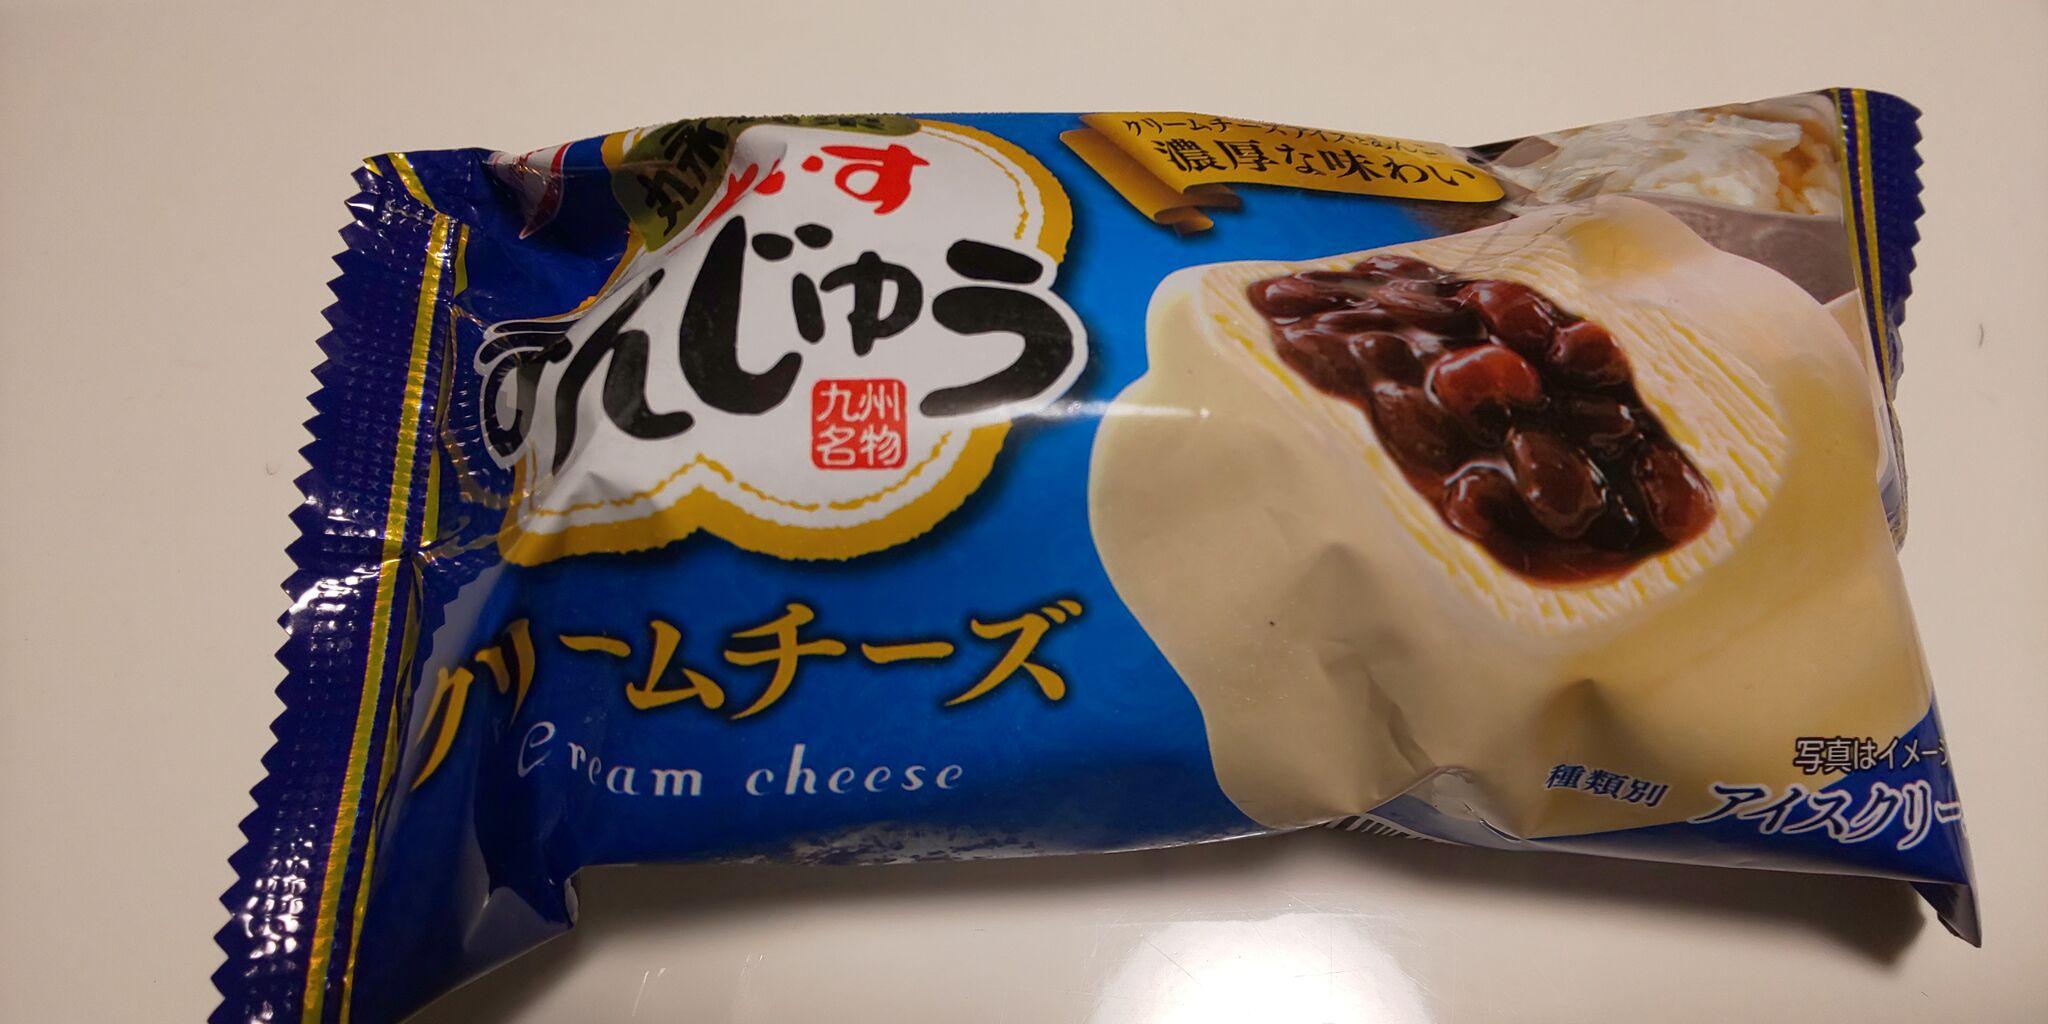 あいす まんじゅう クリーム チーズ